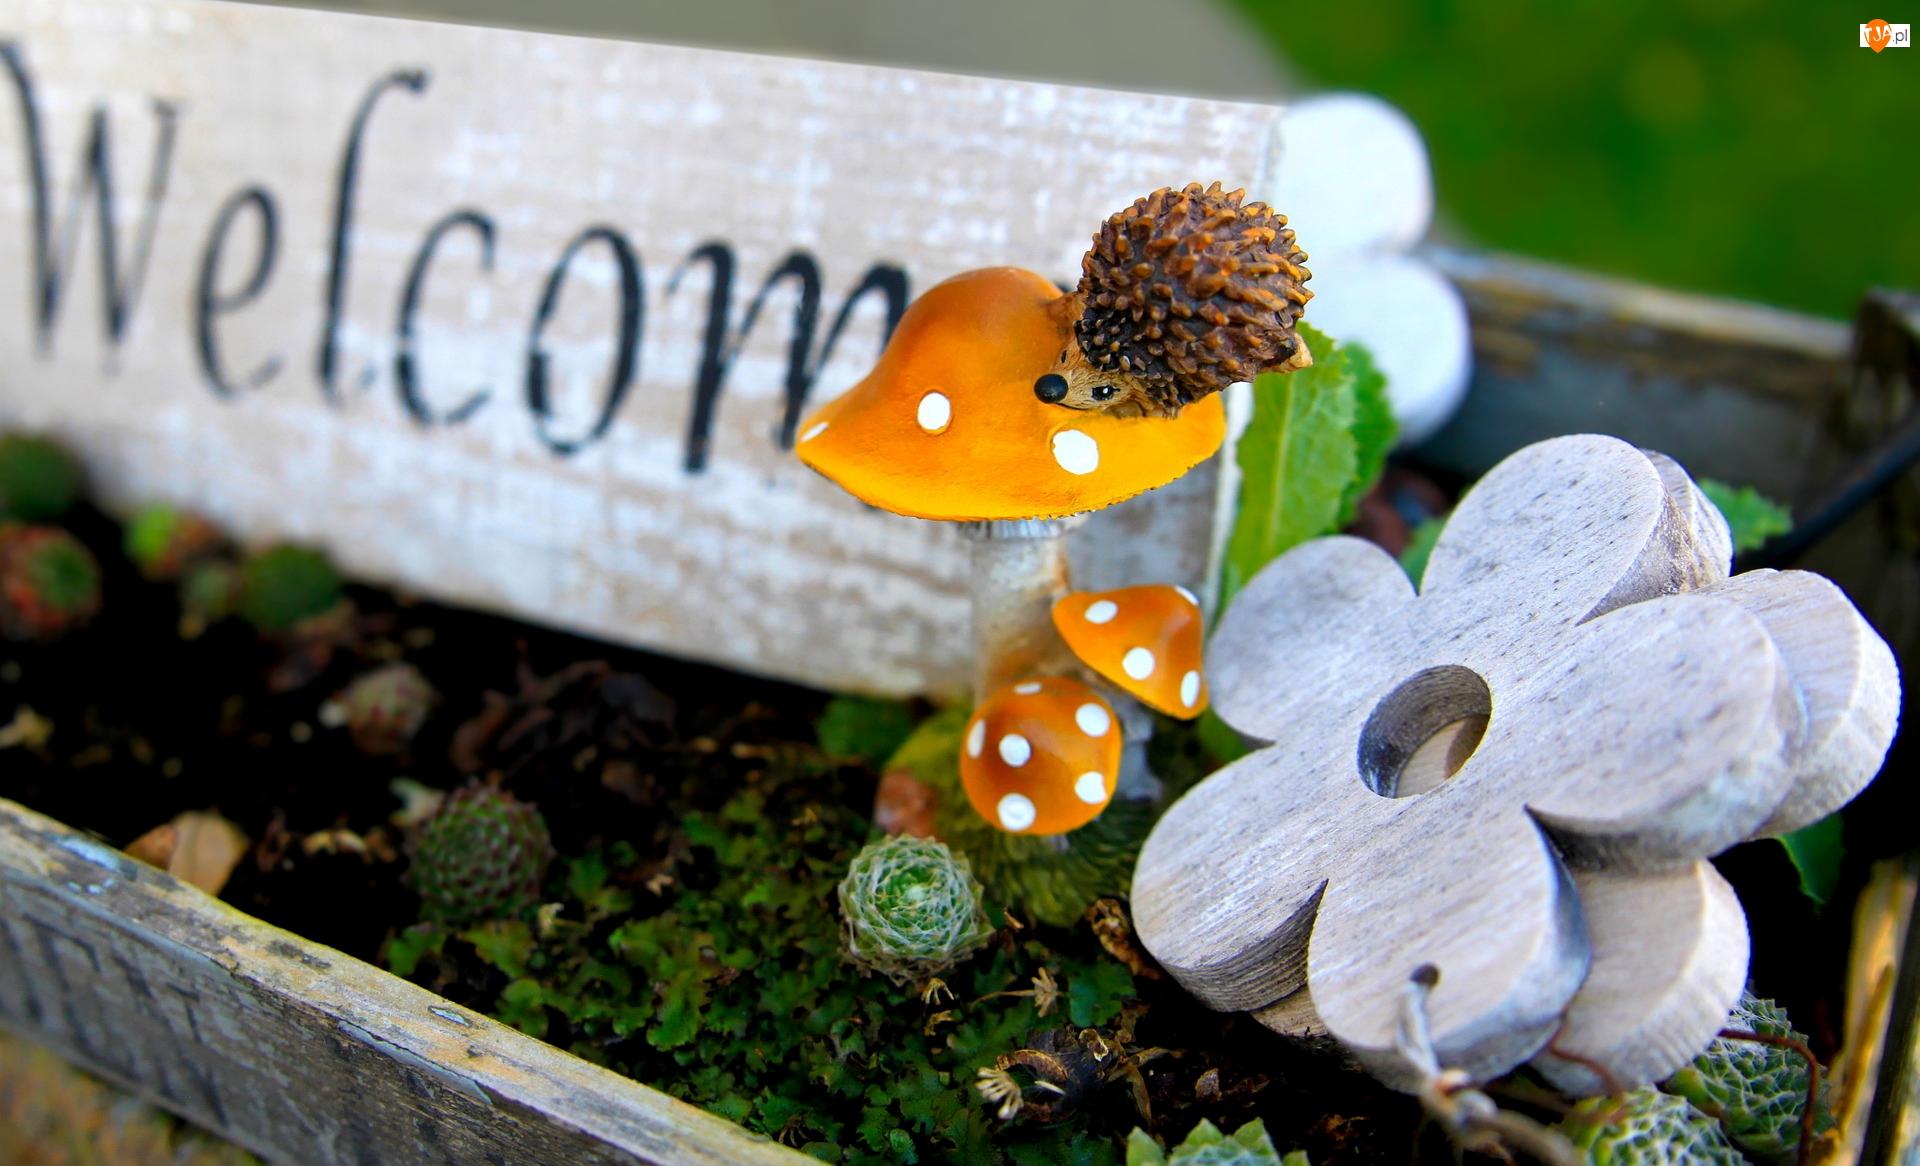 Welcome, Skrzynka, Napis, Jeż, Tabliczka, Kwiatki, Ozdoby, Drewniana, Grzyby